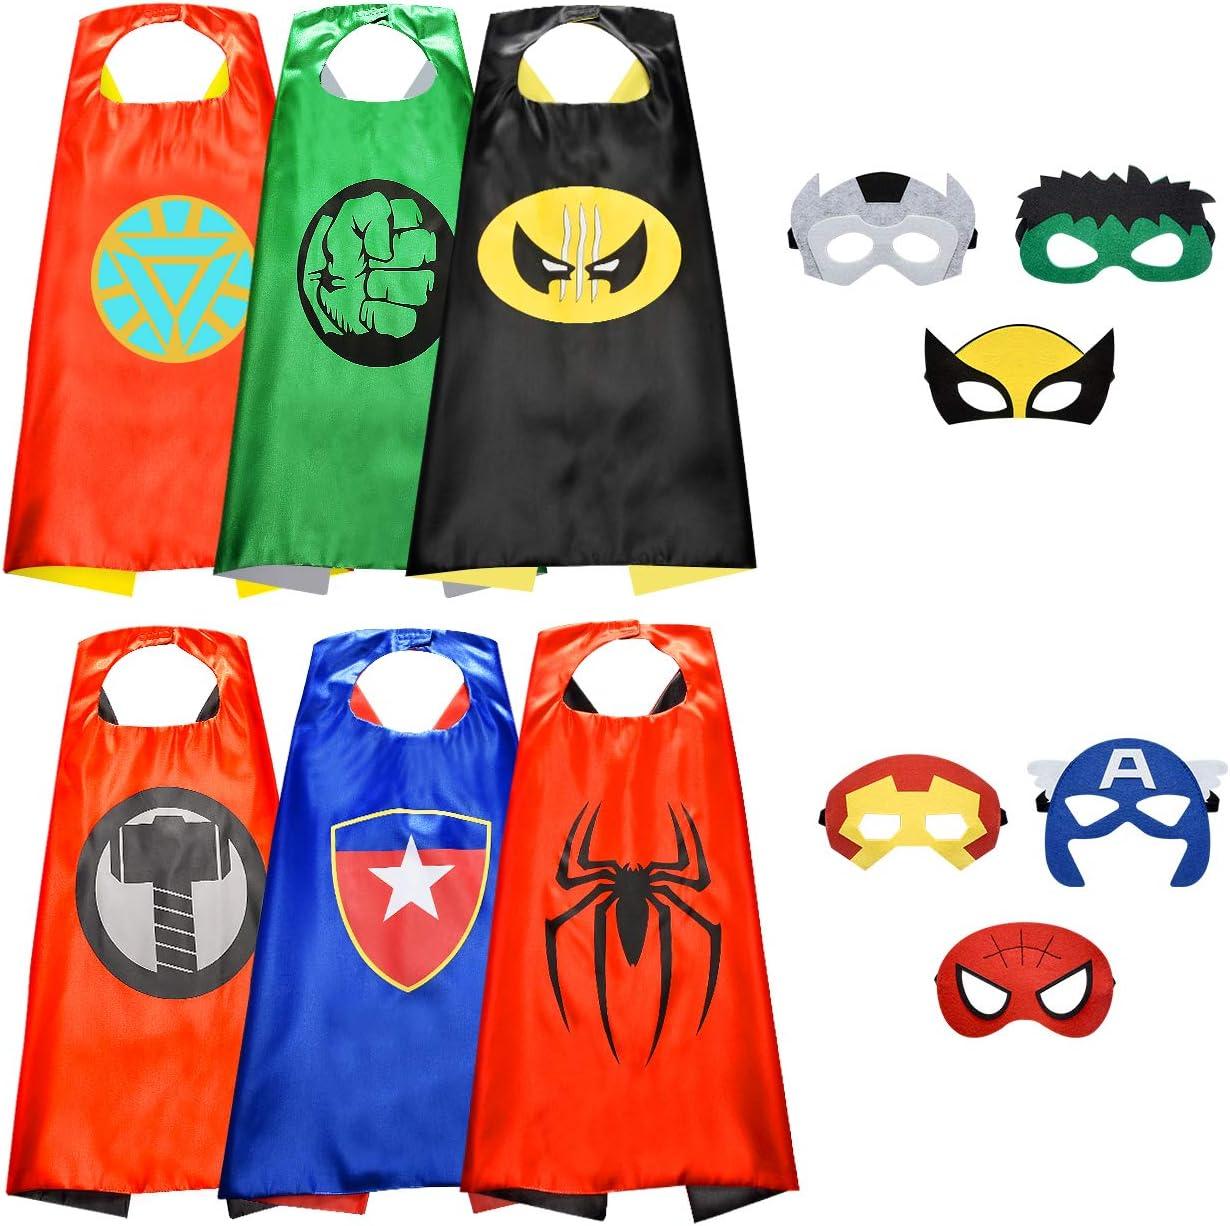 Easony Capa de Superhéroe para Niños Disfraces Infantiles para Cosplay de Fiesta de cumpleaños de Navidad - Los Mejores Regalos